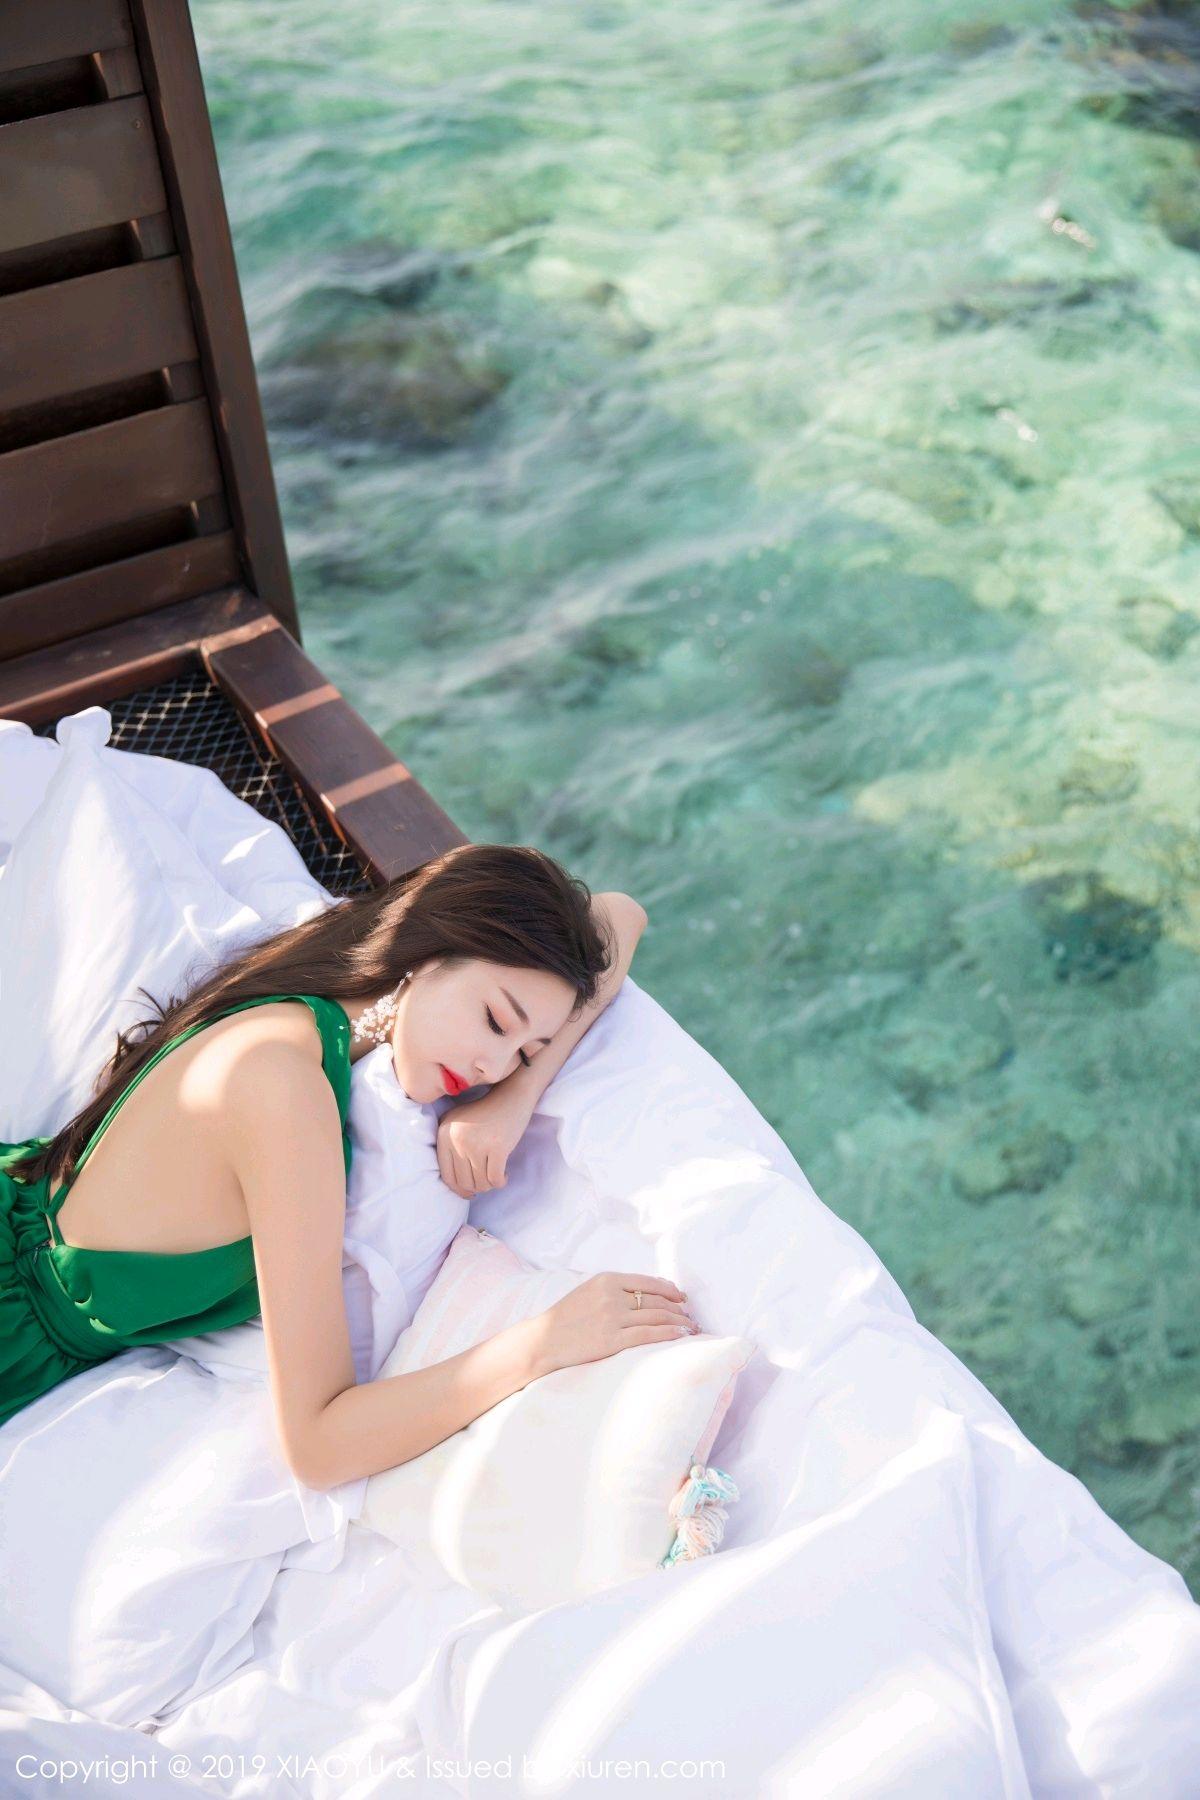 [XiaoYu] Vol.072 sugar 45P, Bikini, Swim Pool, XiaoYu, Yang Chen Chen